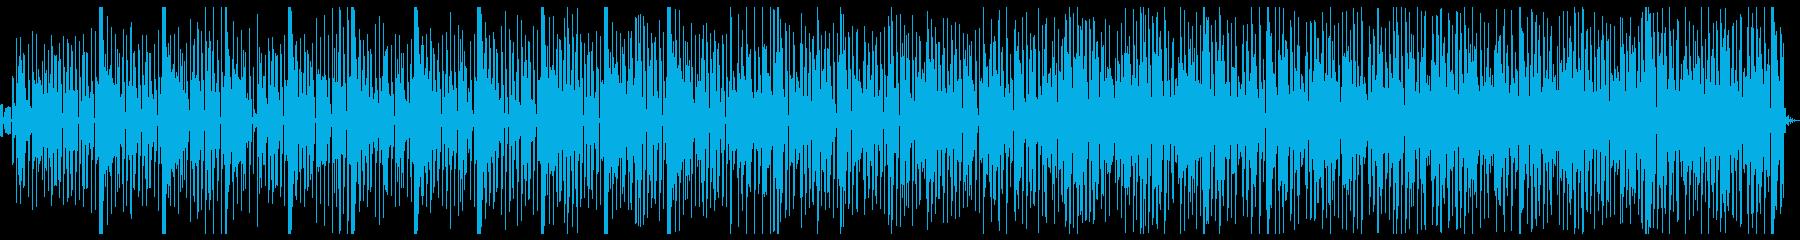 ティーン ポップ テクノ ドラム ...の再生済みの波形